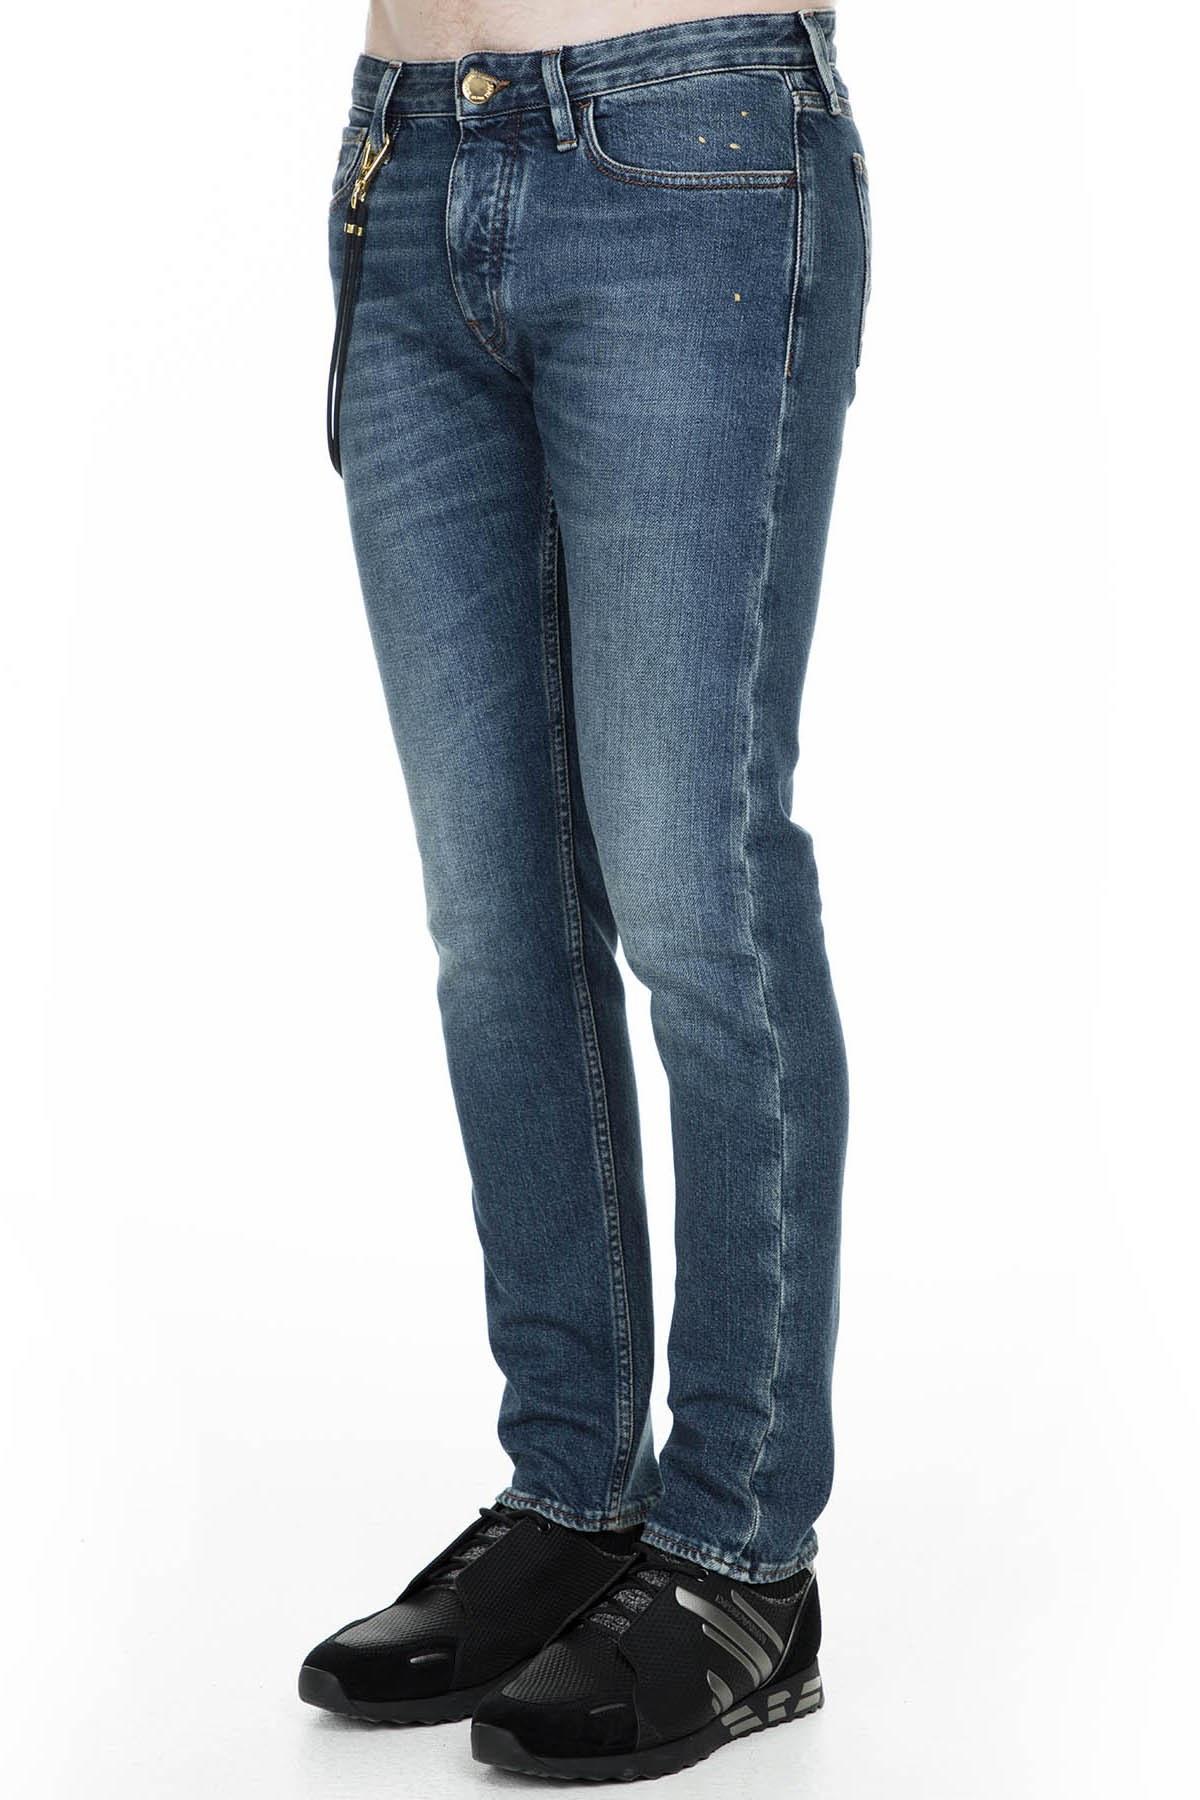 Emporio Armani J75 Jeans Erkek Kot Pantolon 6G1J75 1D8GZ 0942 MAVİ